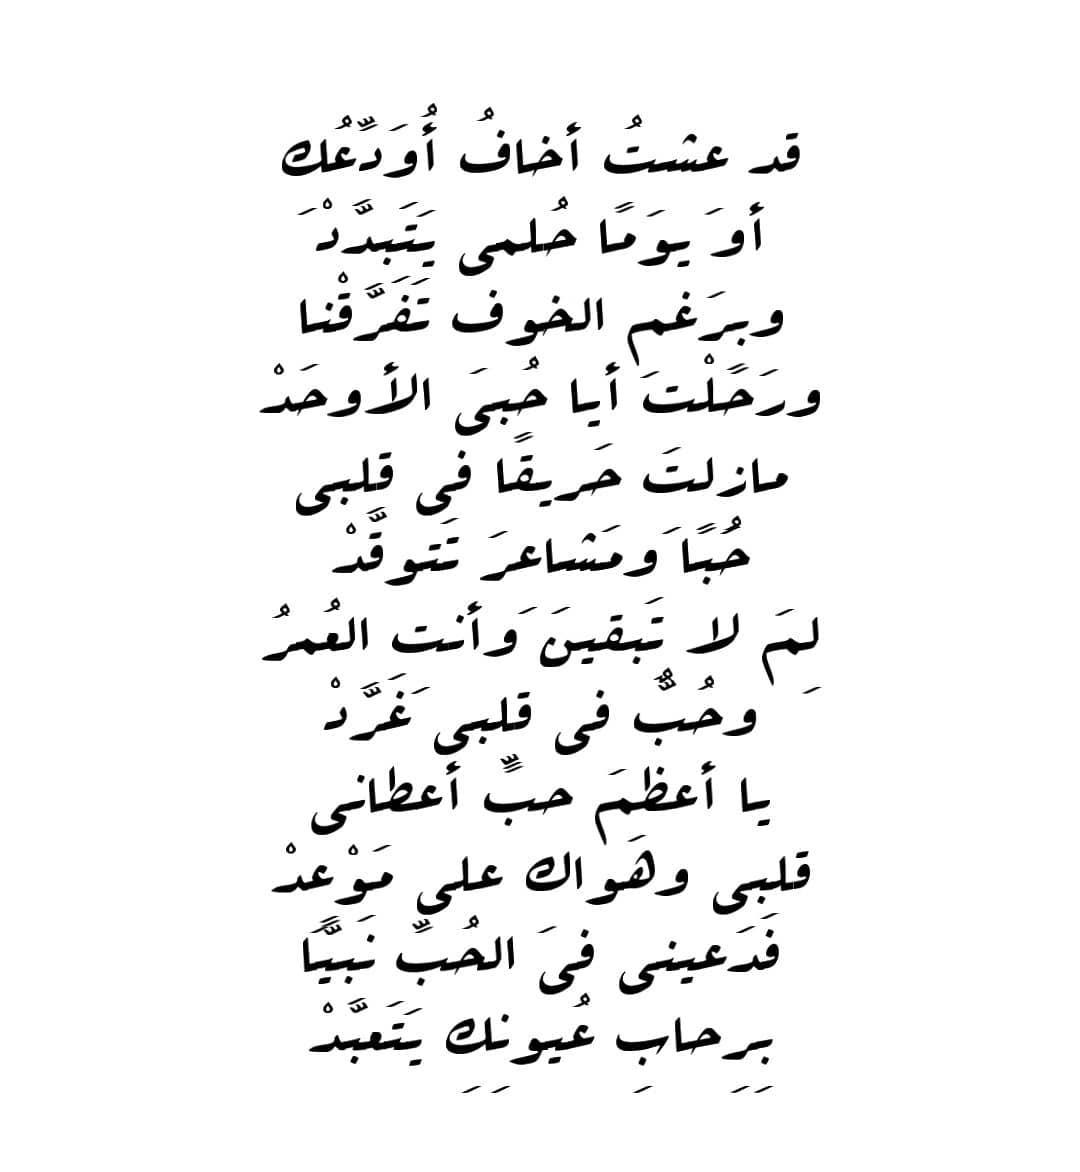 بالصور قصايد غزل , اجمل قصائد التغزل 3515 5